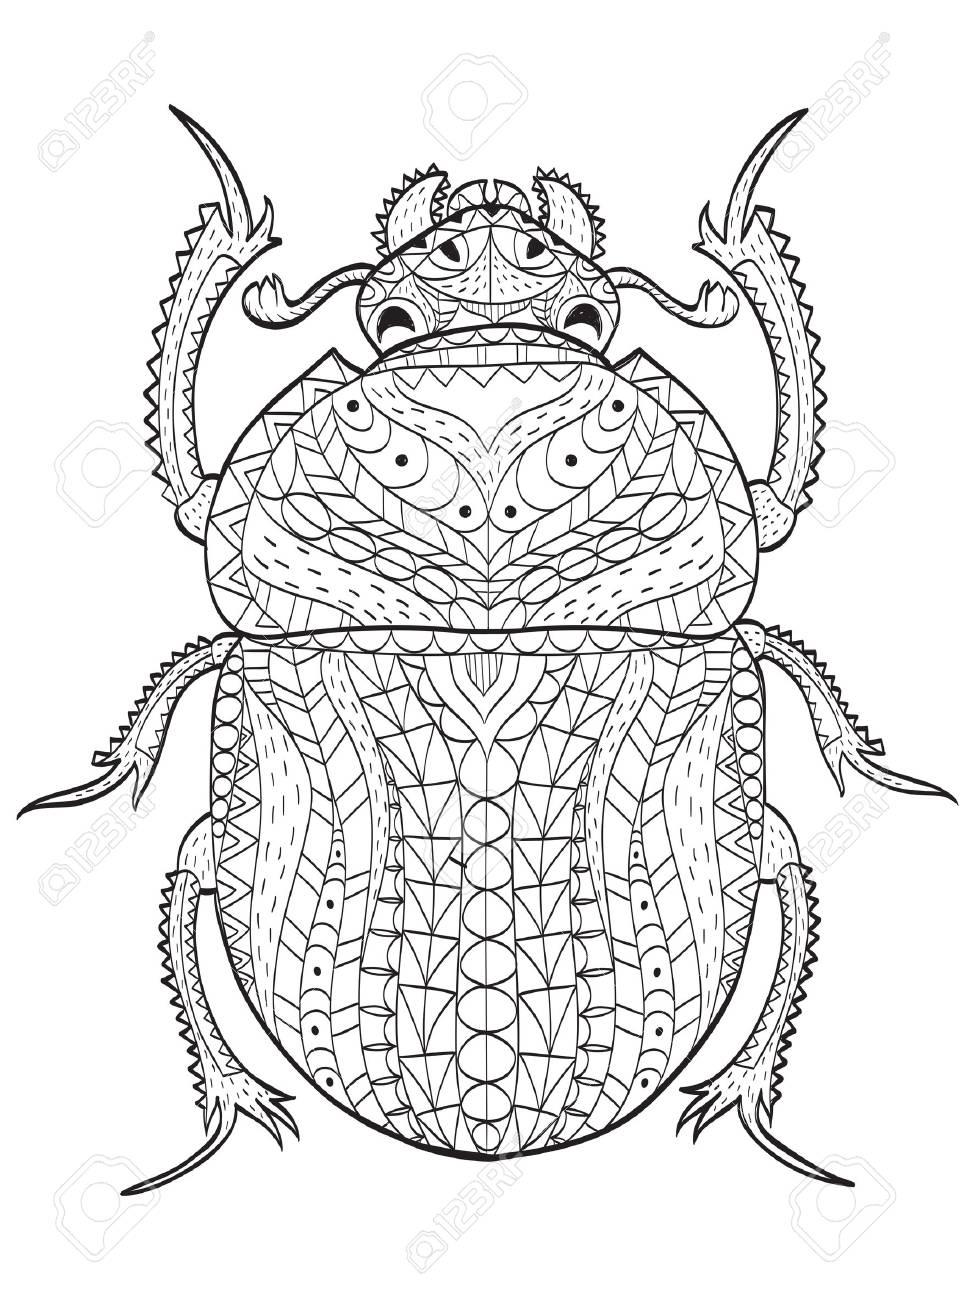 Ilustración Del Vector Del Libro De Colorear Del Escarabajo Egipcio ...